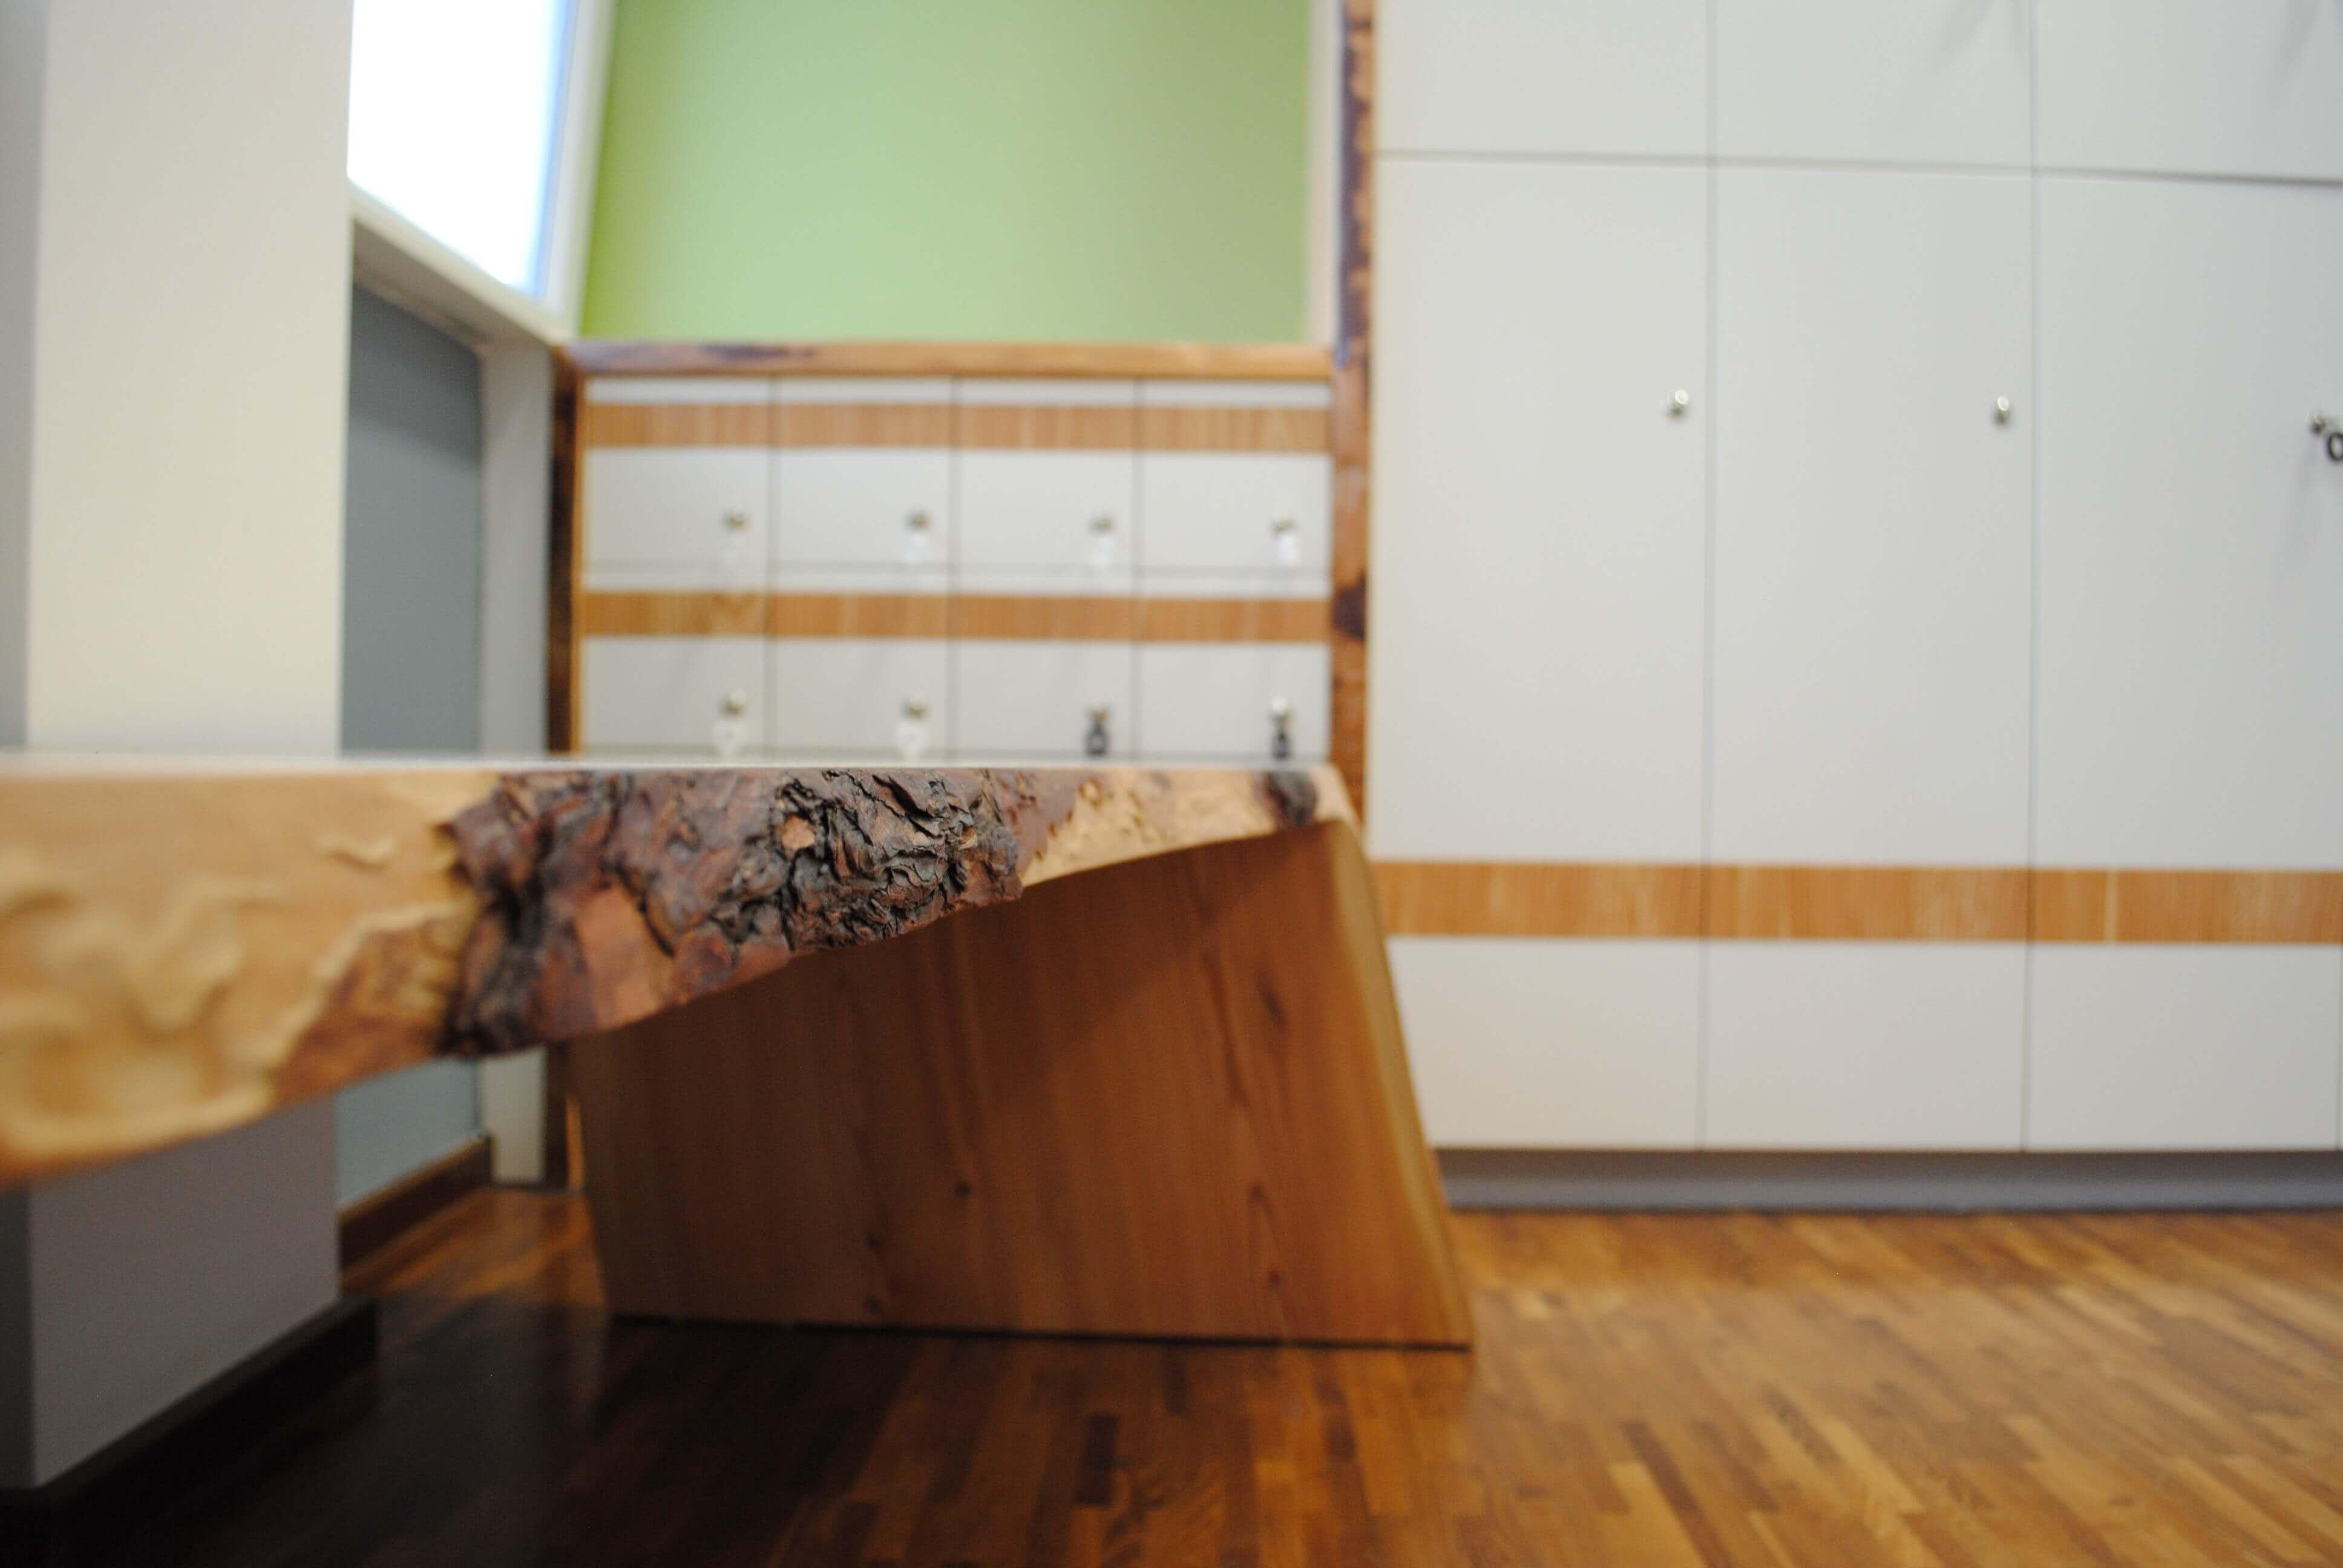 Sitzbank & Spinde Umkleidekabine